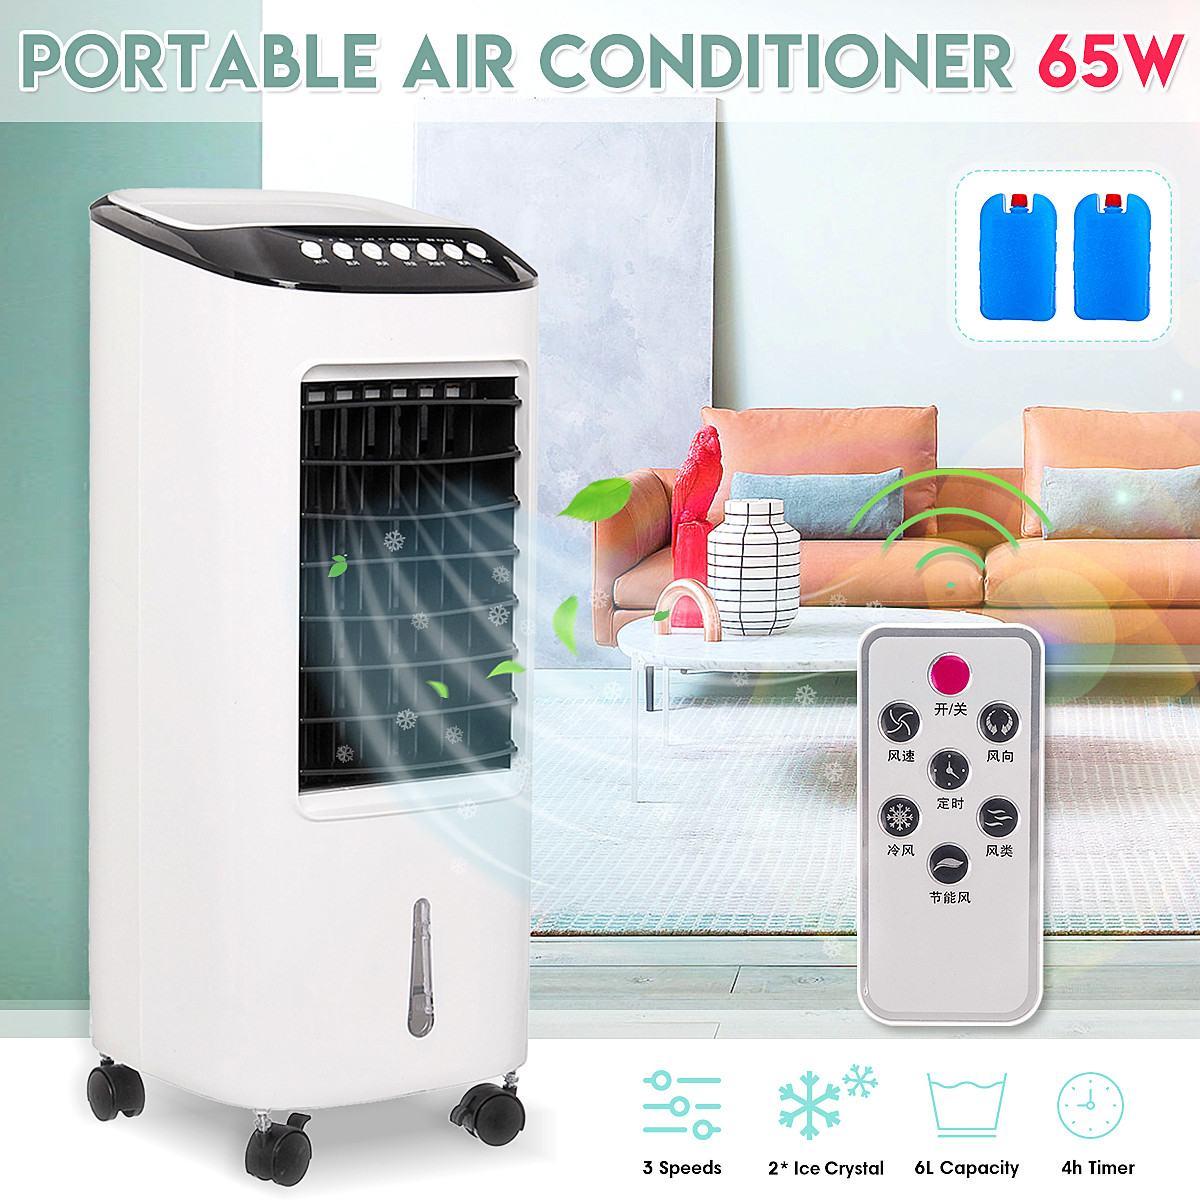 Più nuovo Portatile Condizionatore D'aria Condizionata 65 W Umidificatore Piano 220 V Camera Da Letto A Distanza di Controllo Aria Per Uso Domestico di Raffreddamento del dispositivo di Raffreddamento del Ventilatore